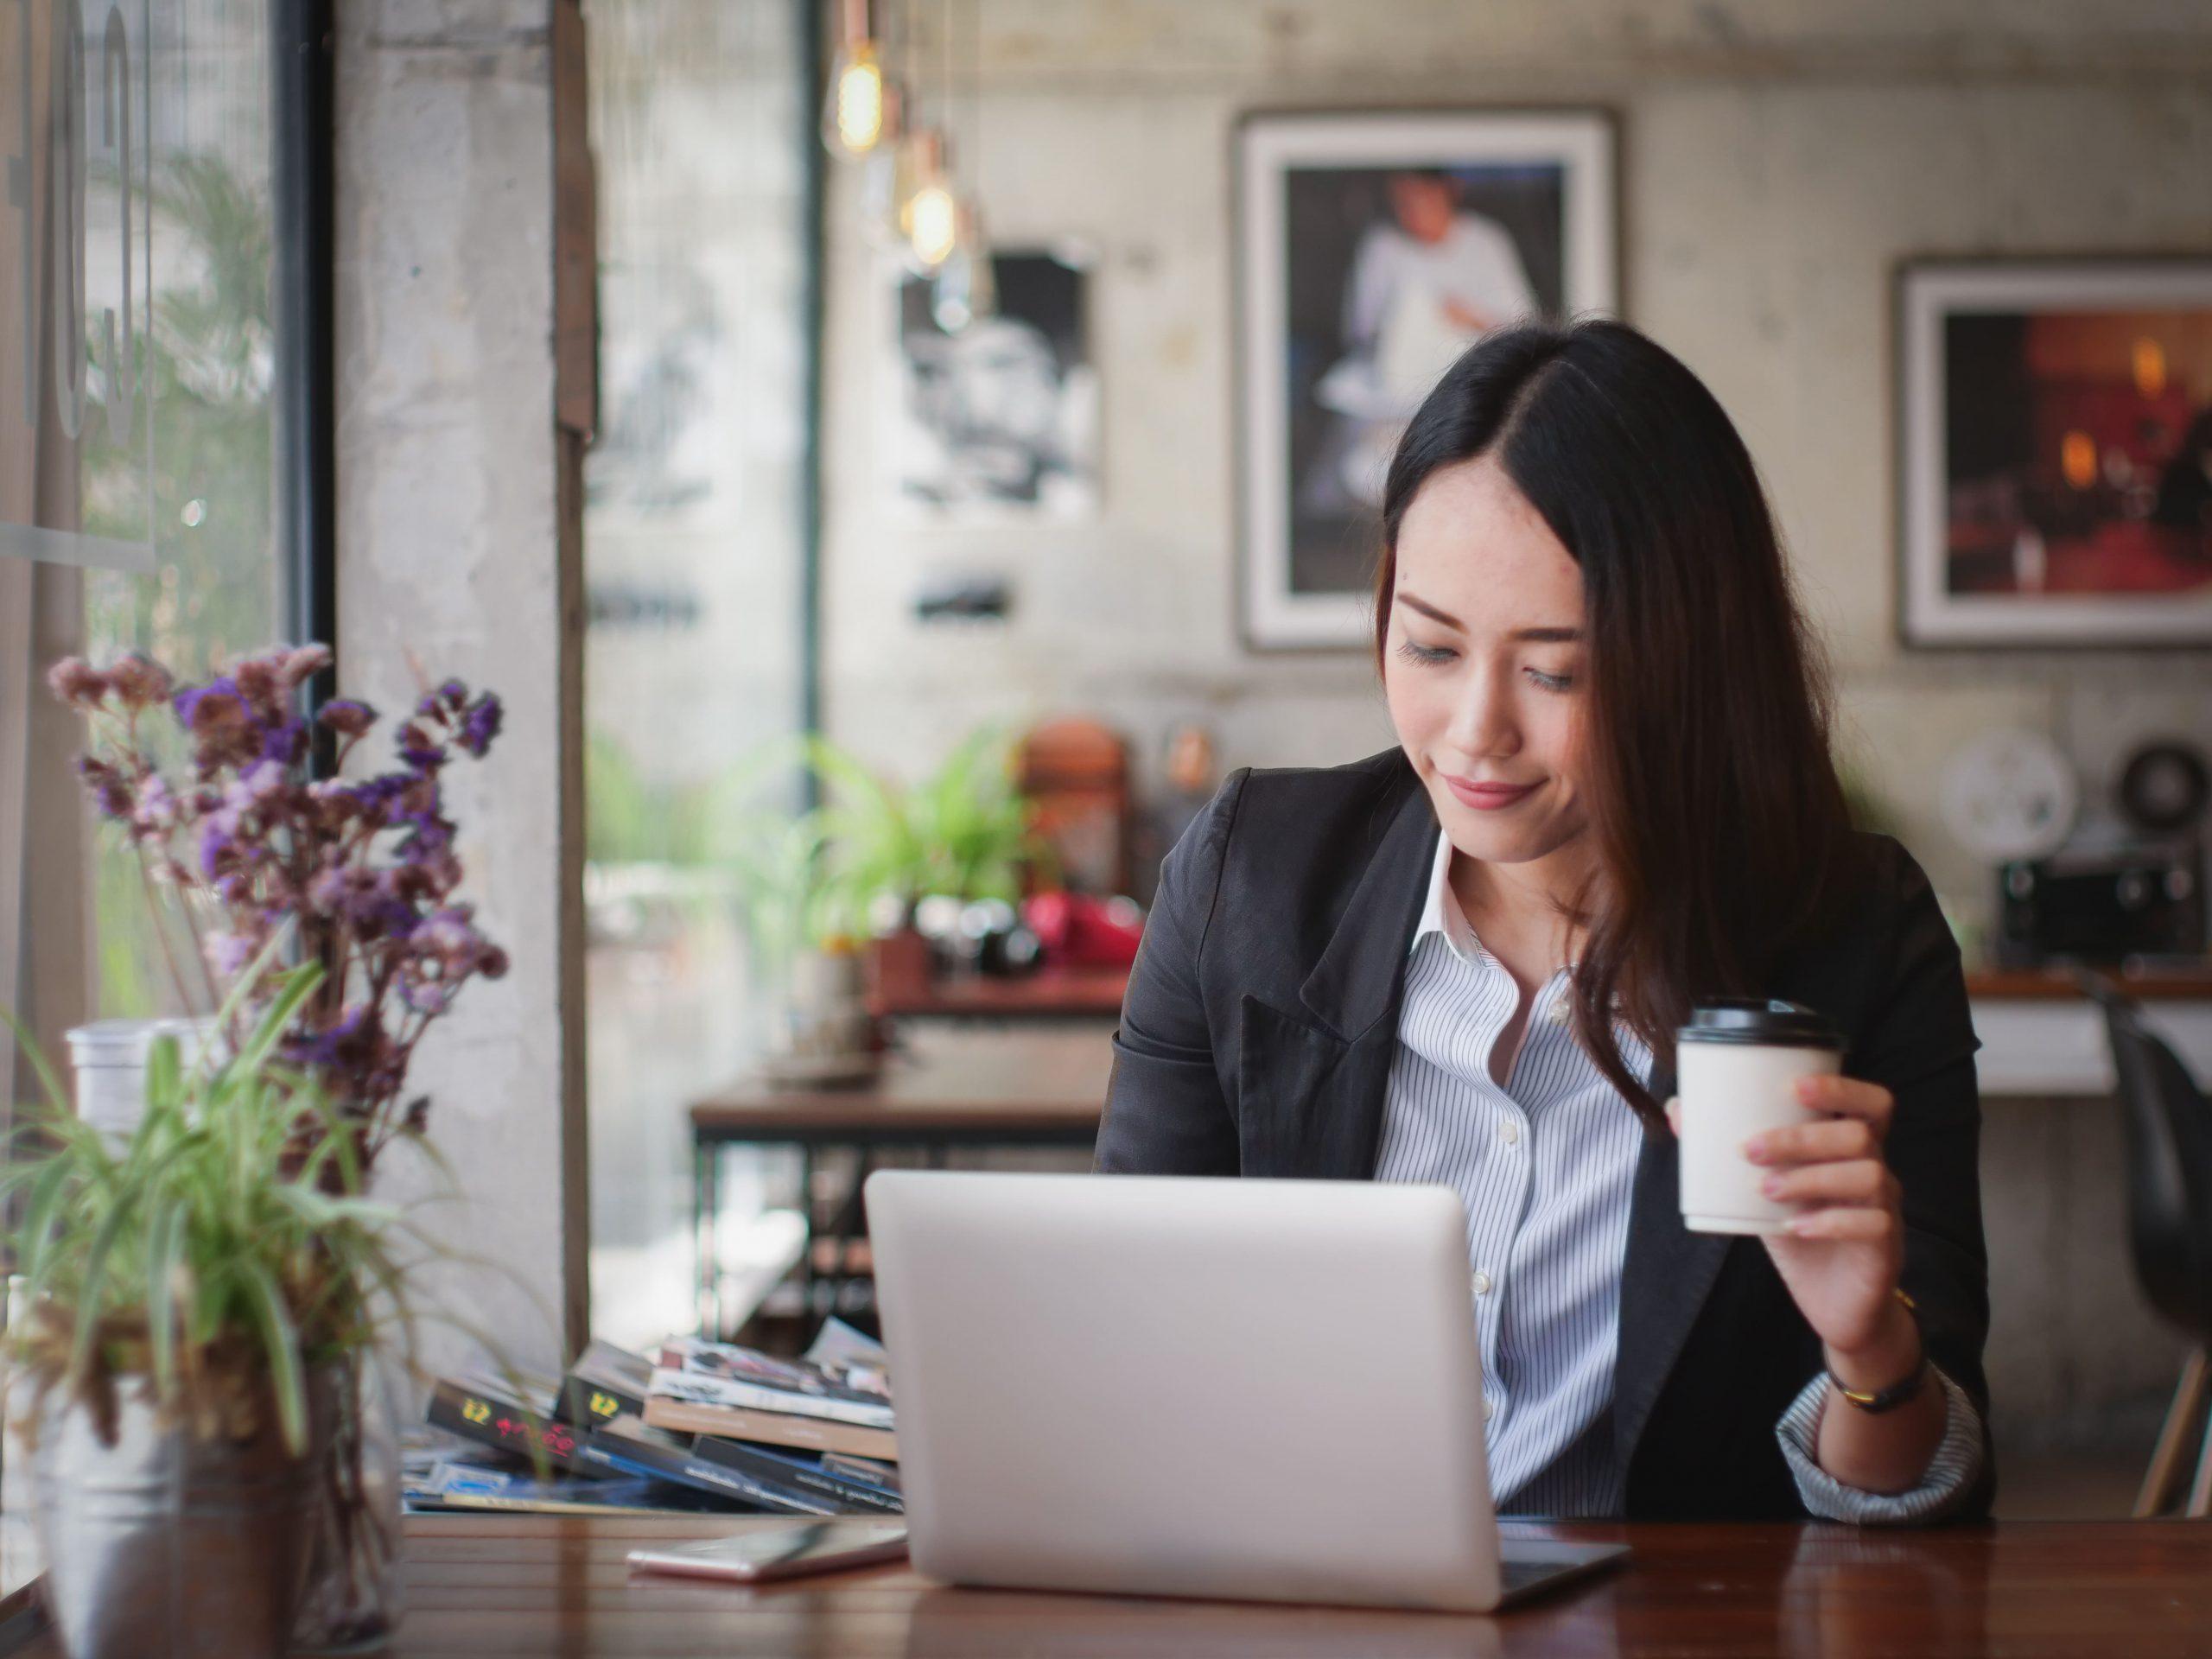 転職するのは結婚の前と後、どっちが良い?